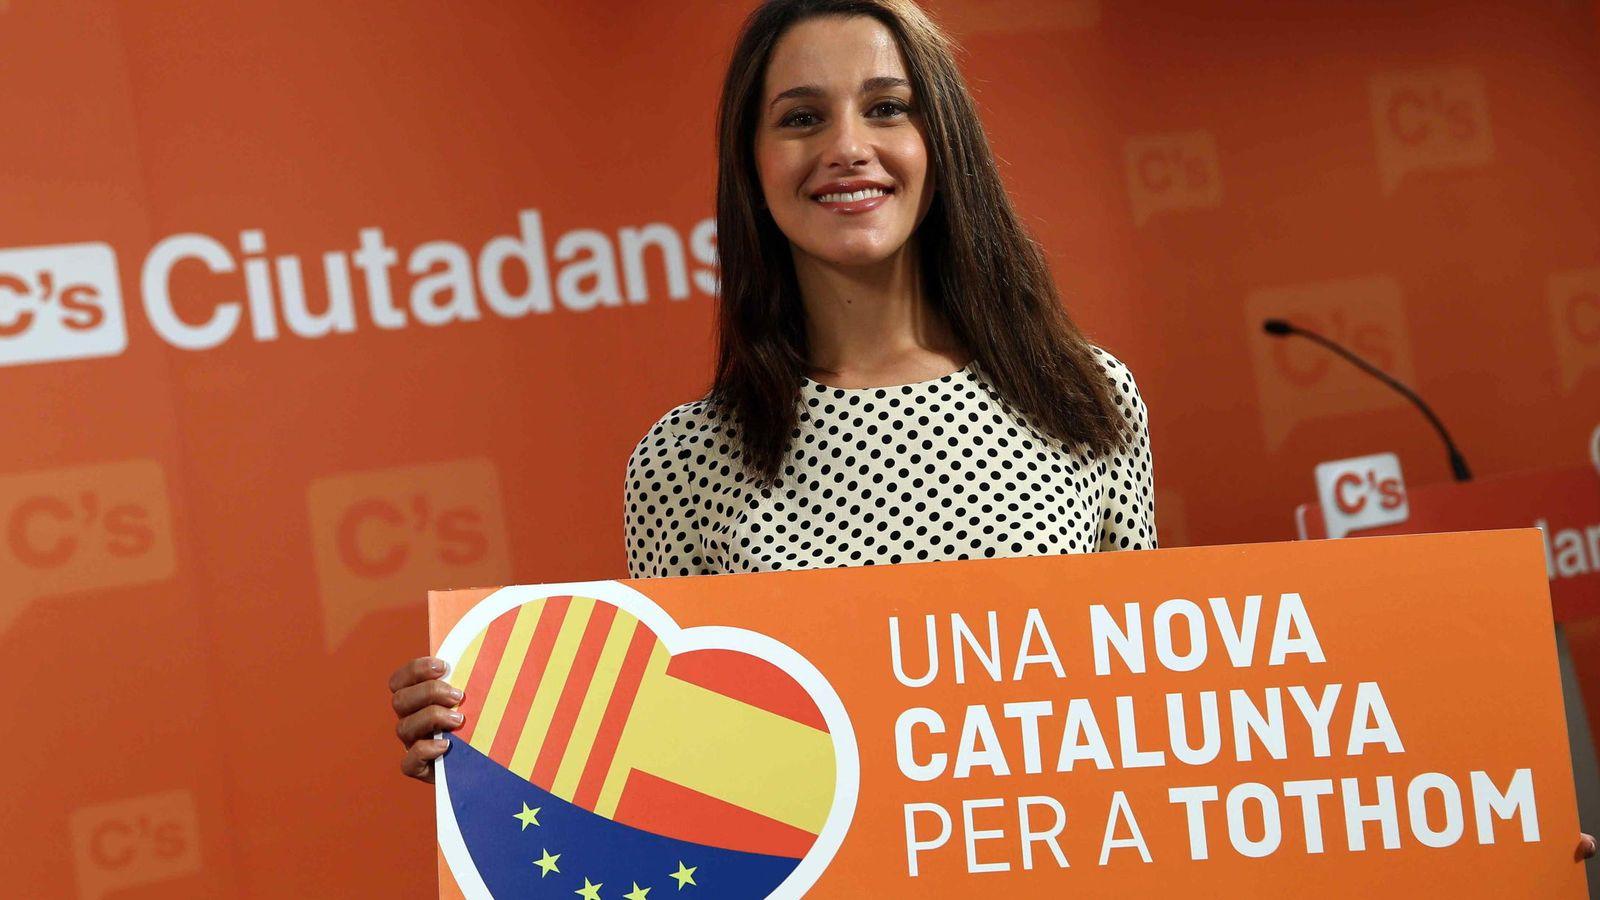 Foto:  La candidata de Ciutadans a la presidencia de la Generalitat, Inés Arrimadas. (EFE)